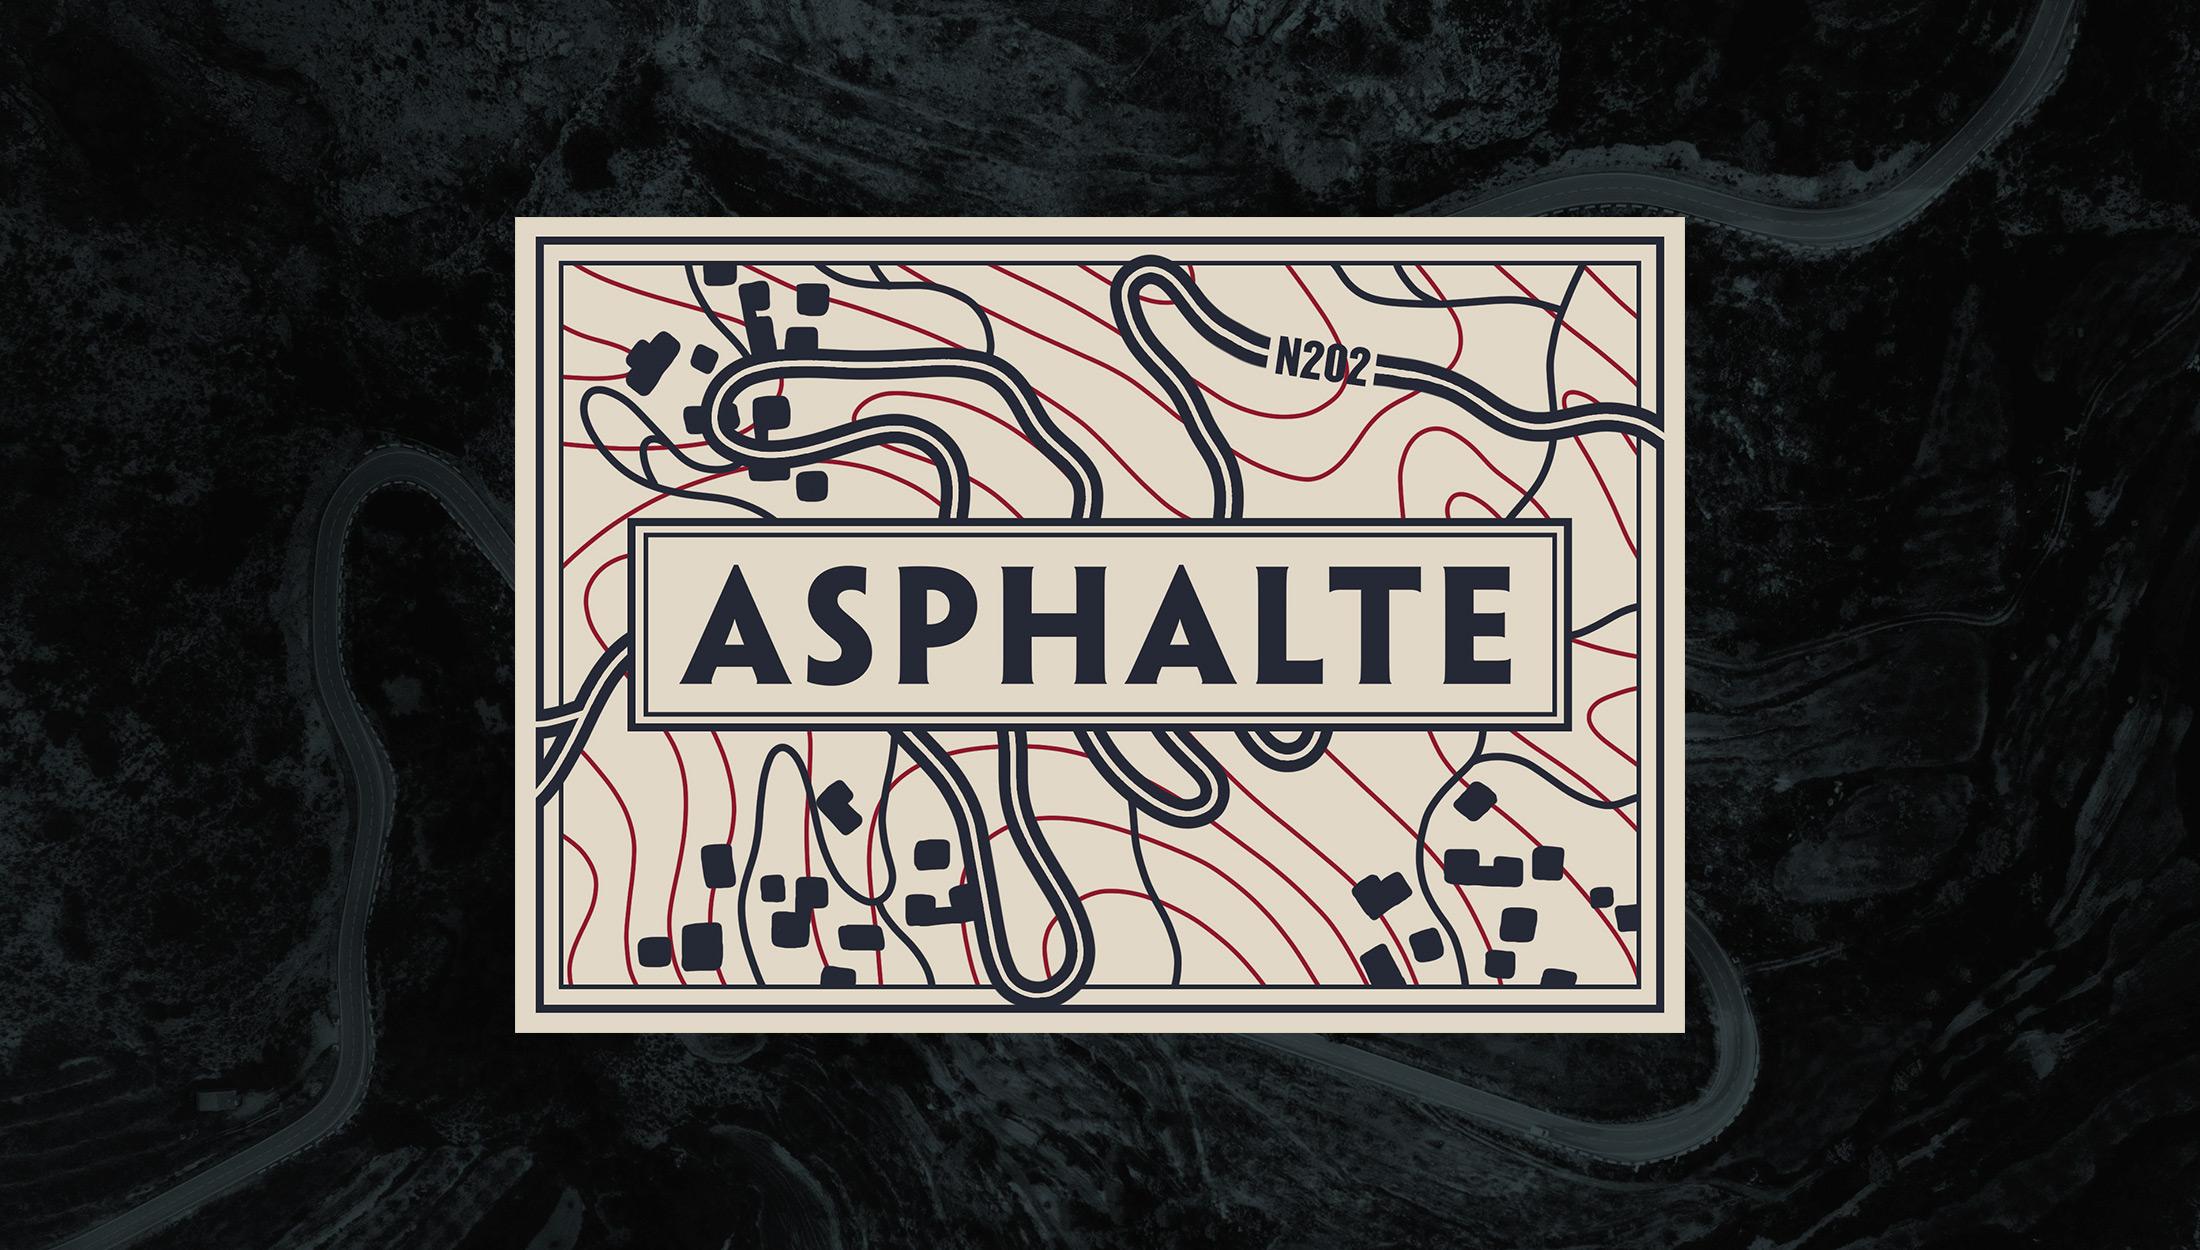 asphalte-label-01